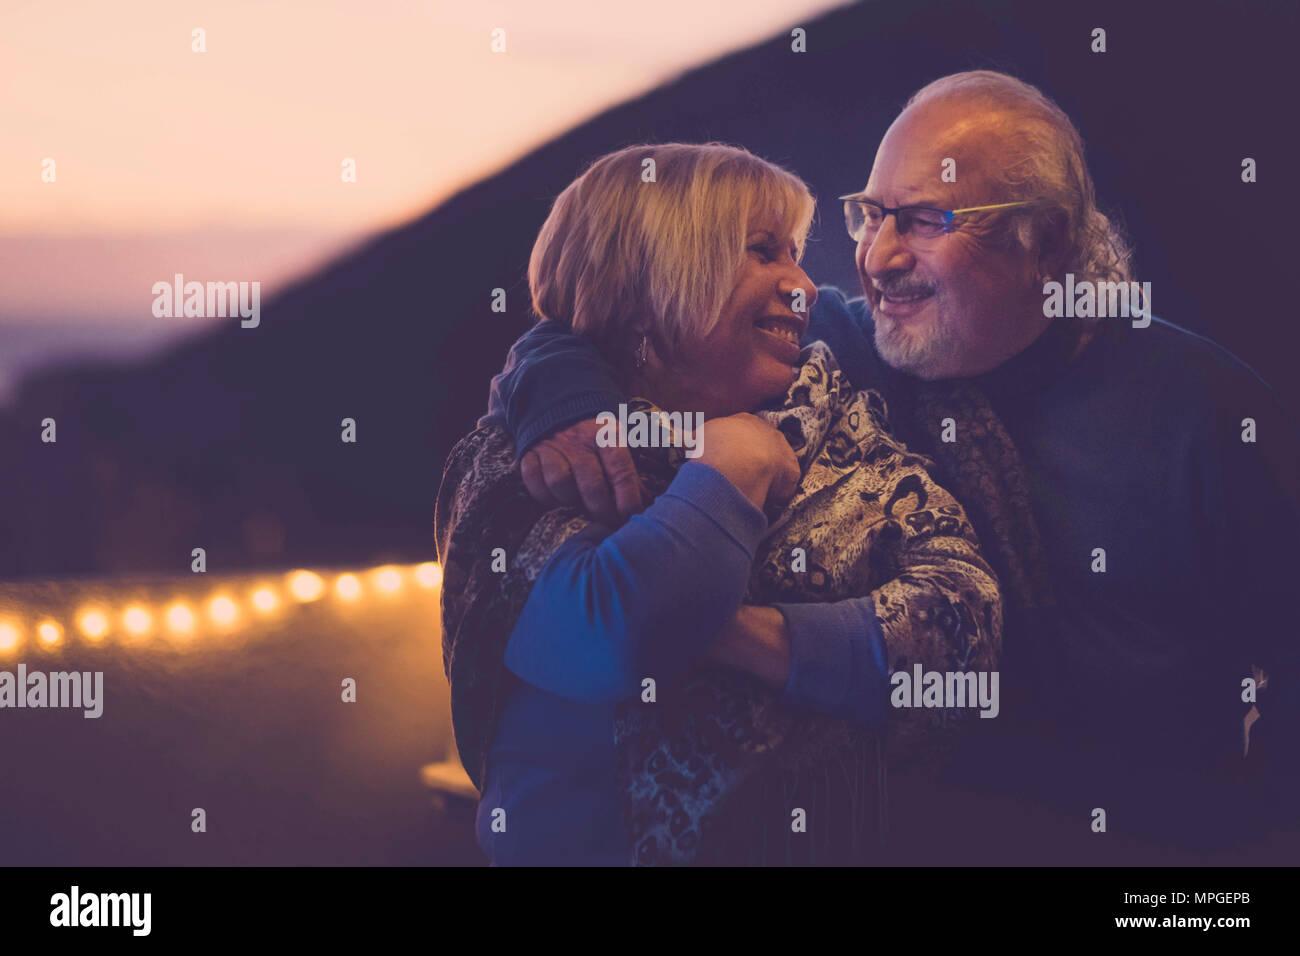 Mann und Frau senior Herren gealtert in Liebe umarmen und Spaß auf der Dachterrasse im Urlaub zu Hause Lächeln haben. Nacht Licht Atmosphäre für romantische Szene. t Stockbild